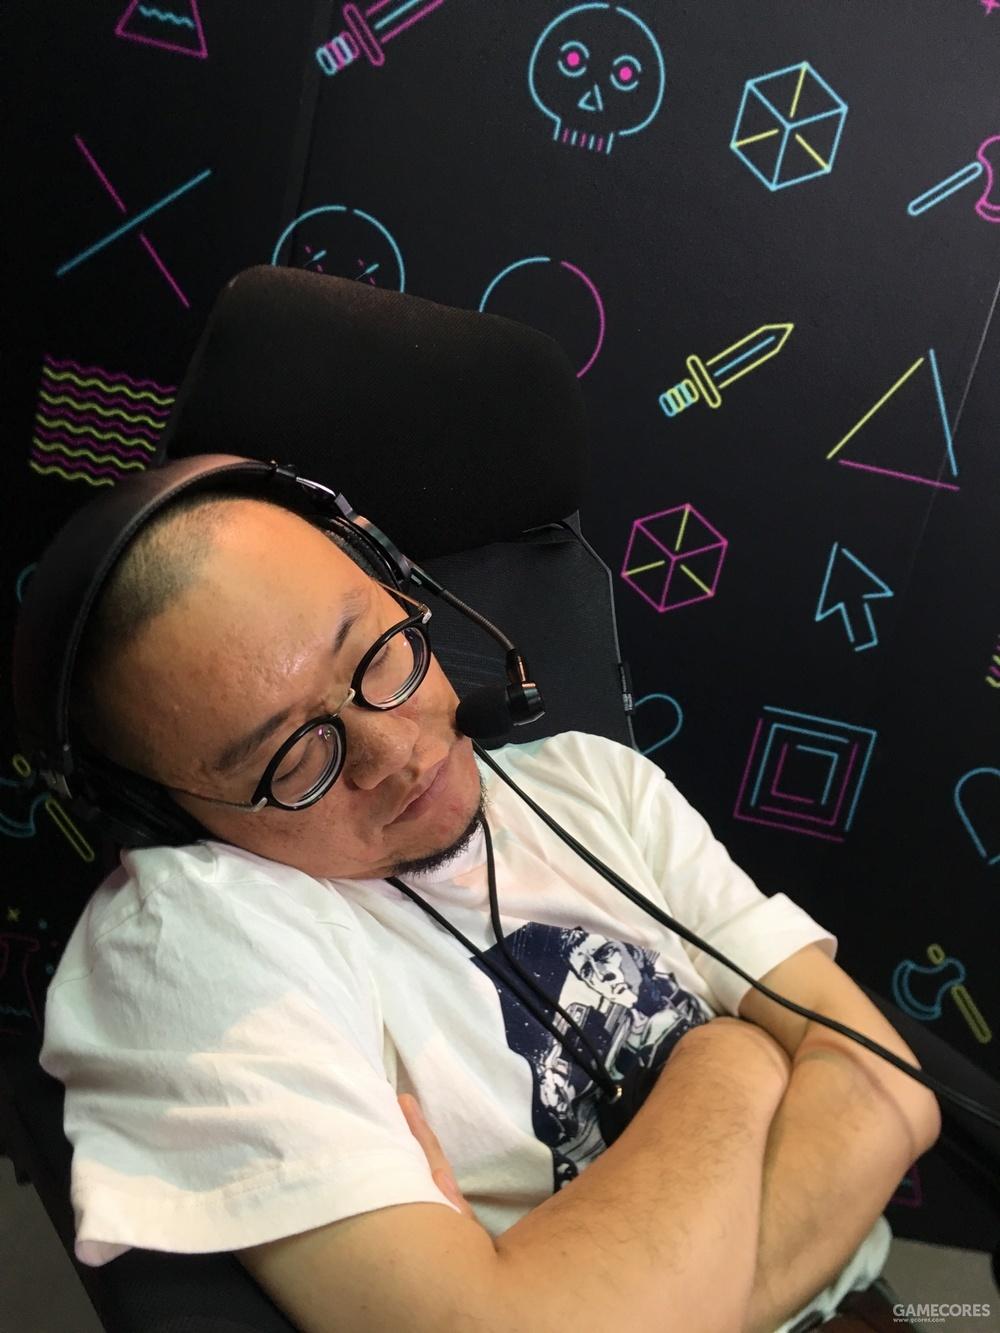 6月12日,直播E3 PC Gaming过程中睡着的西蒙